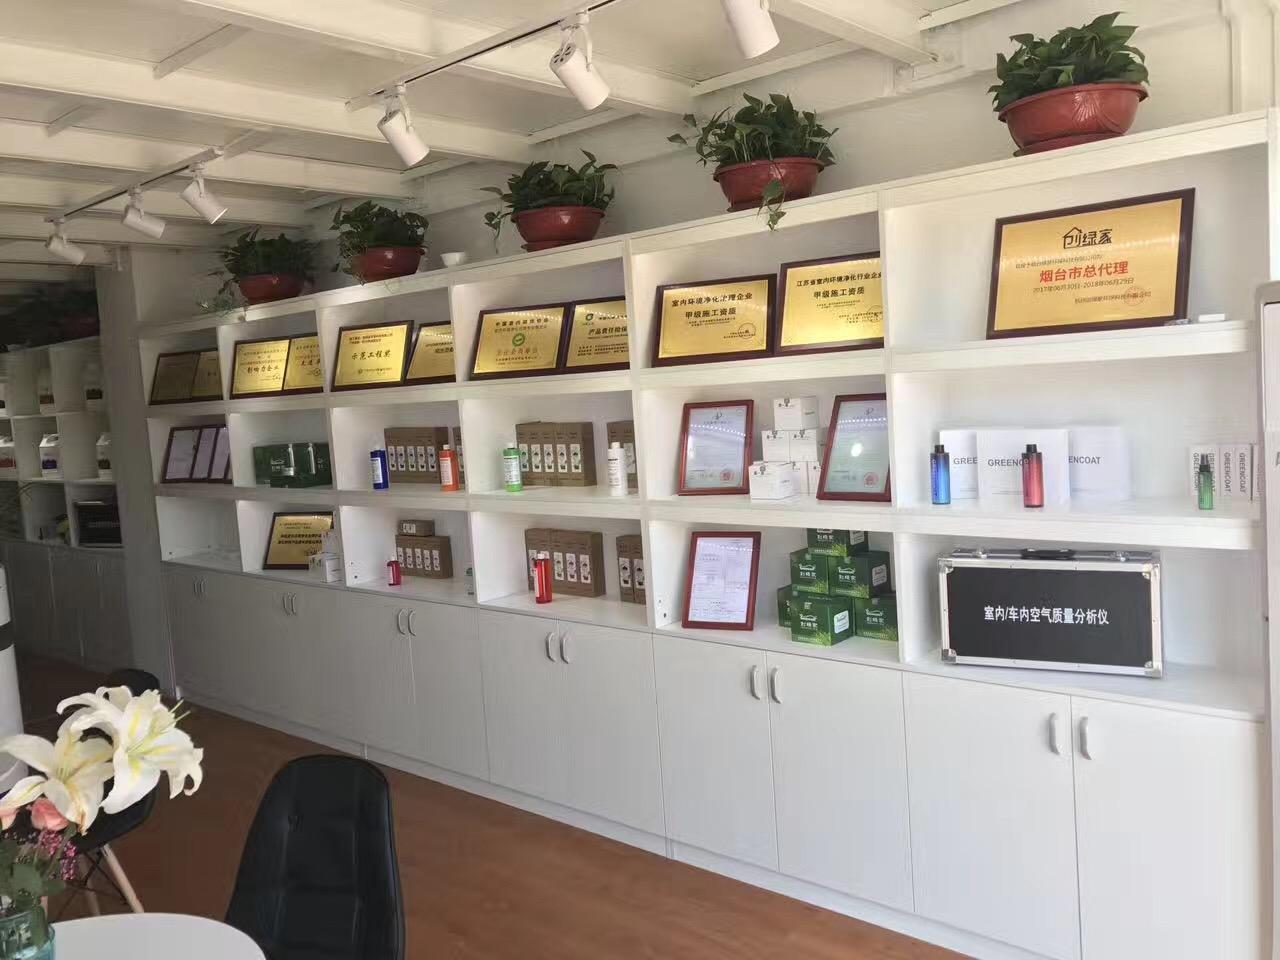 热烈祝贺创绿家空气治理烟台服务中心新落成!